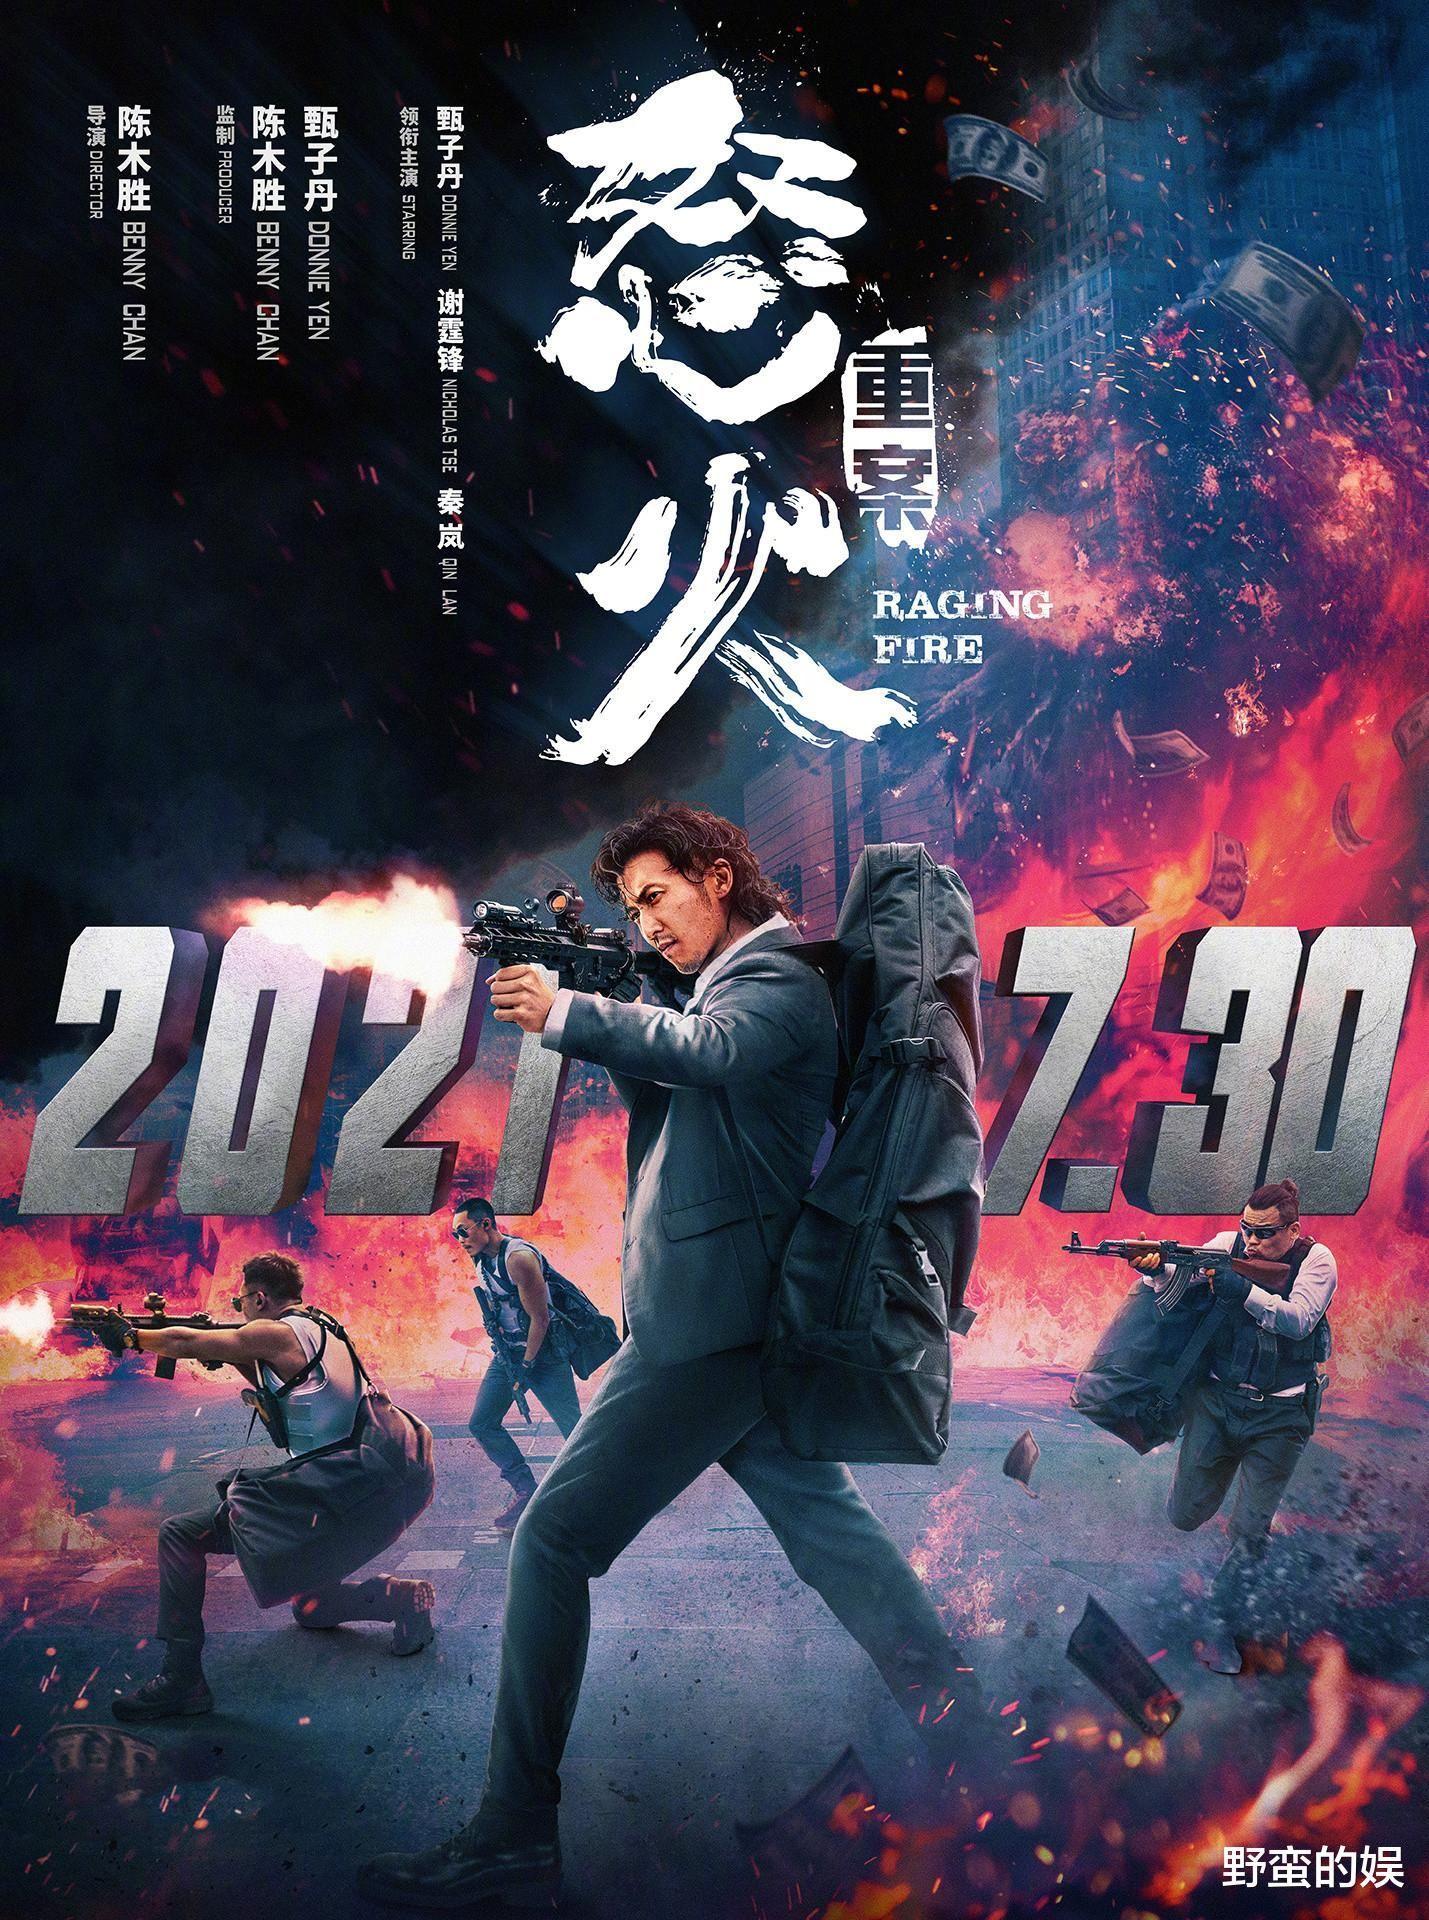 《怒火·重案》百度云(720高清国语版)下载